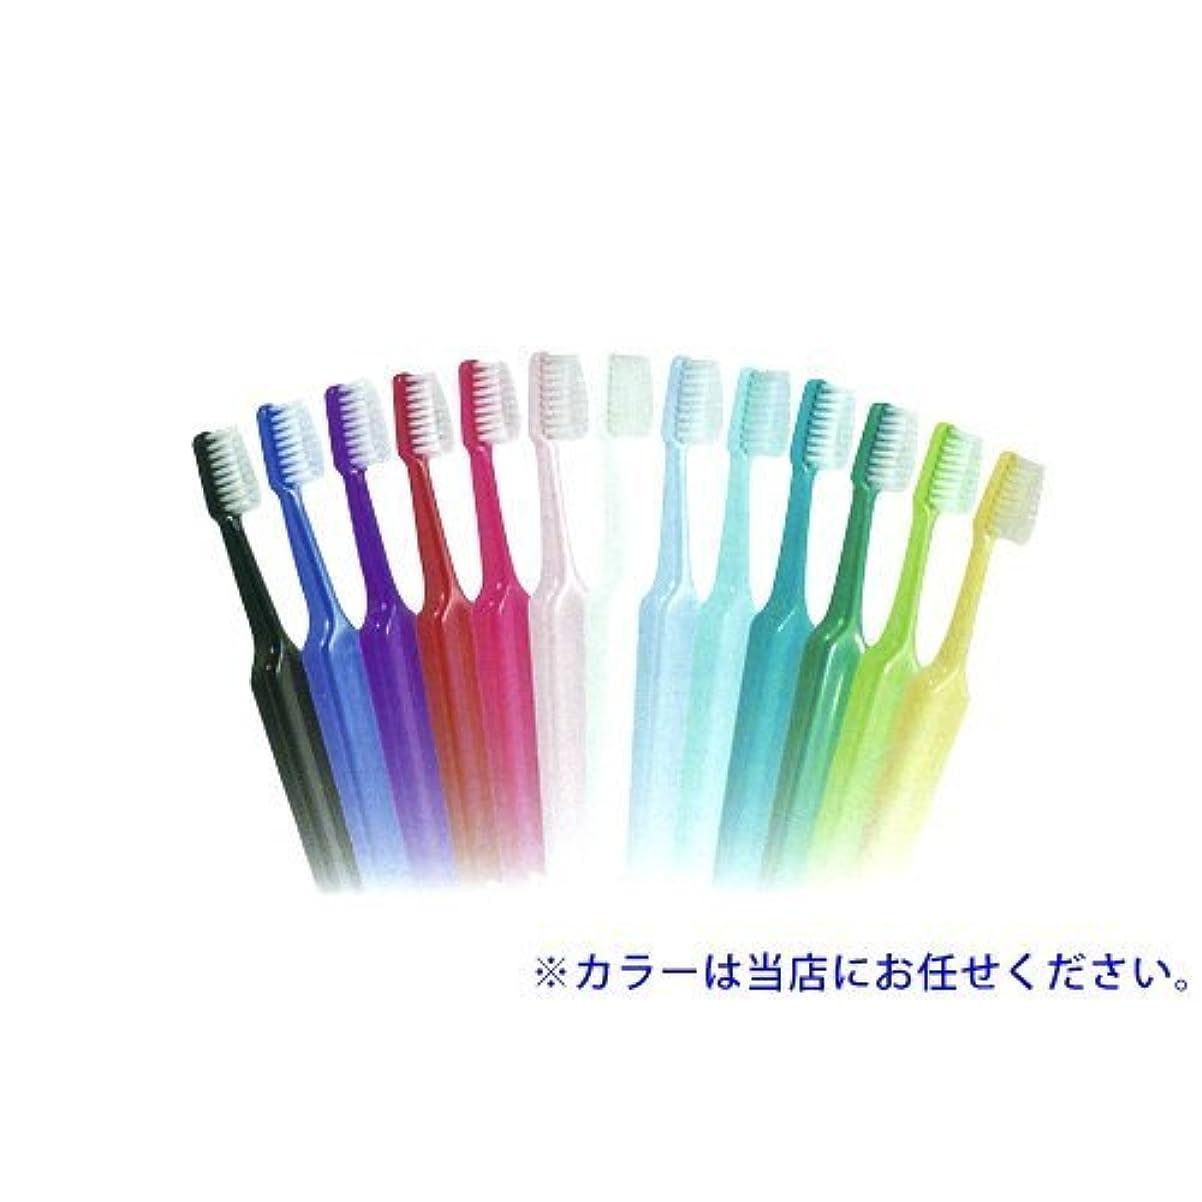 長椅子あなたが良くなります熟読するTepe歯ブラシ セレクトミニ/エクストラソフト 25本/箱